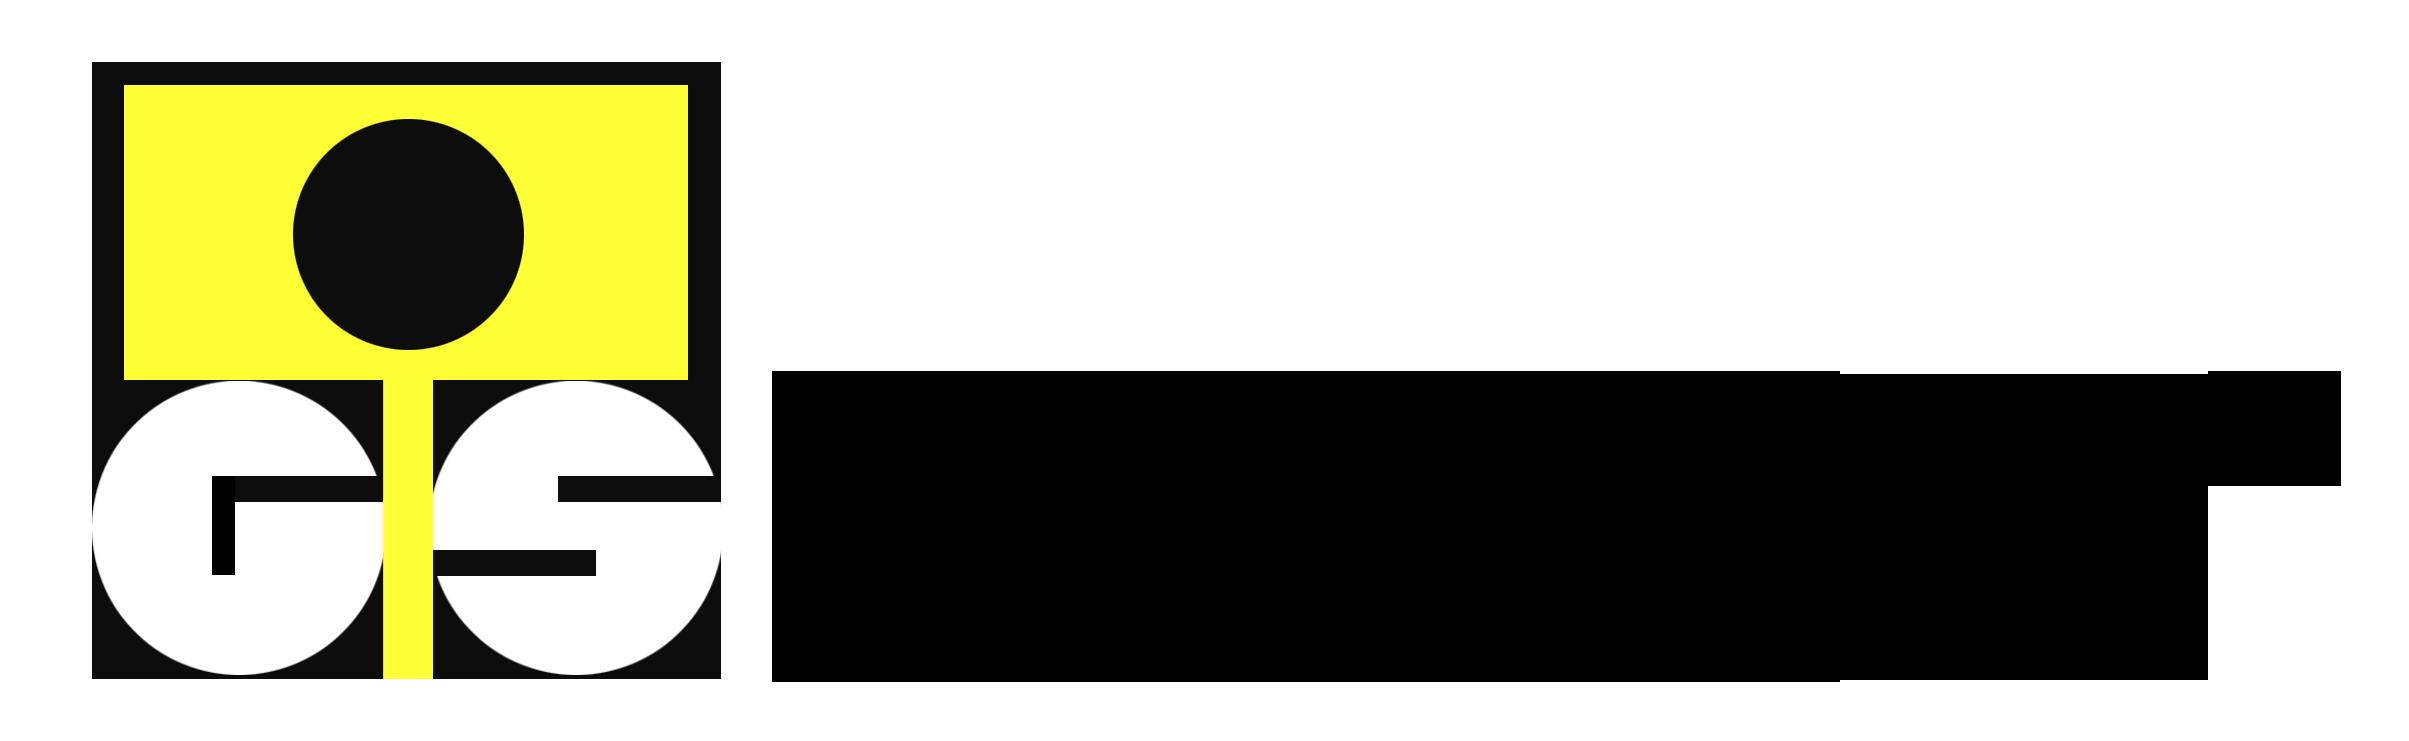 Gartengestaltung j rgen schaad startseite for Gartengestaltung logo